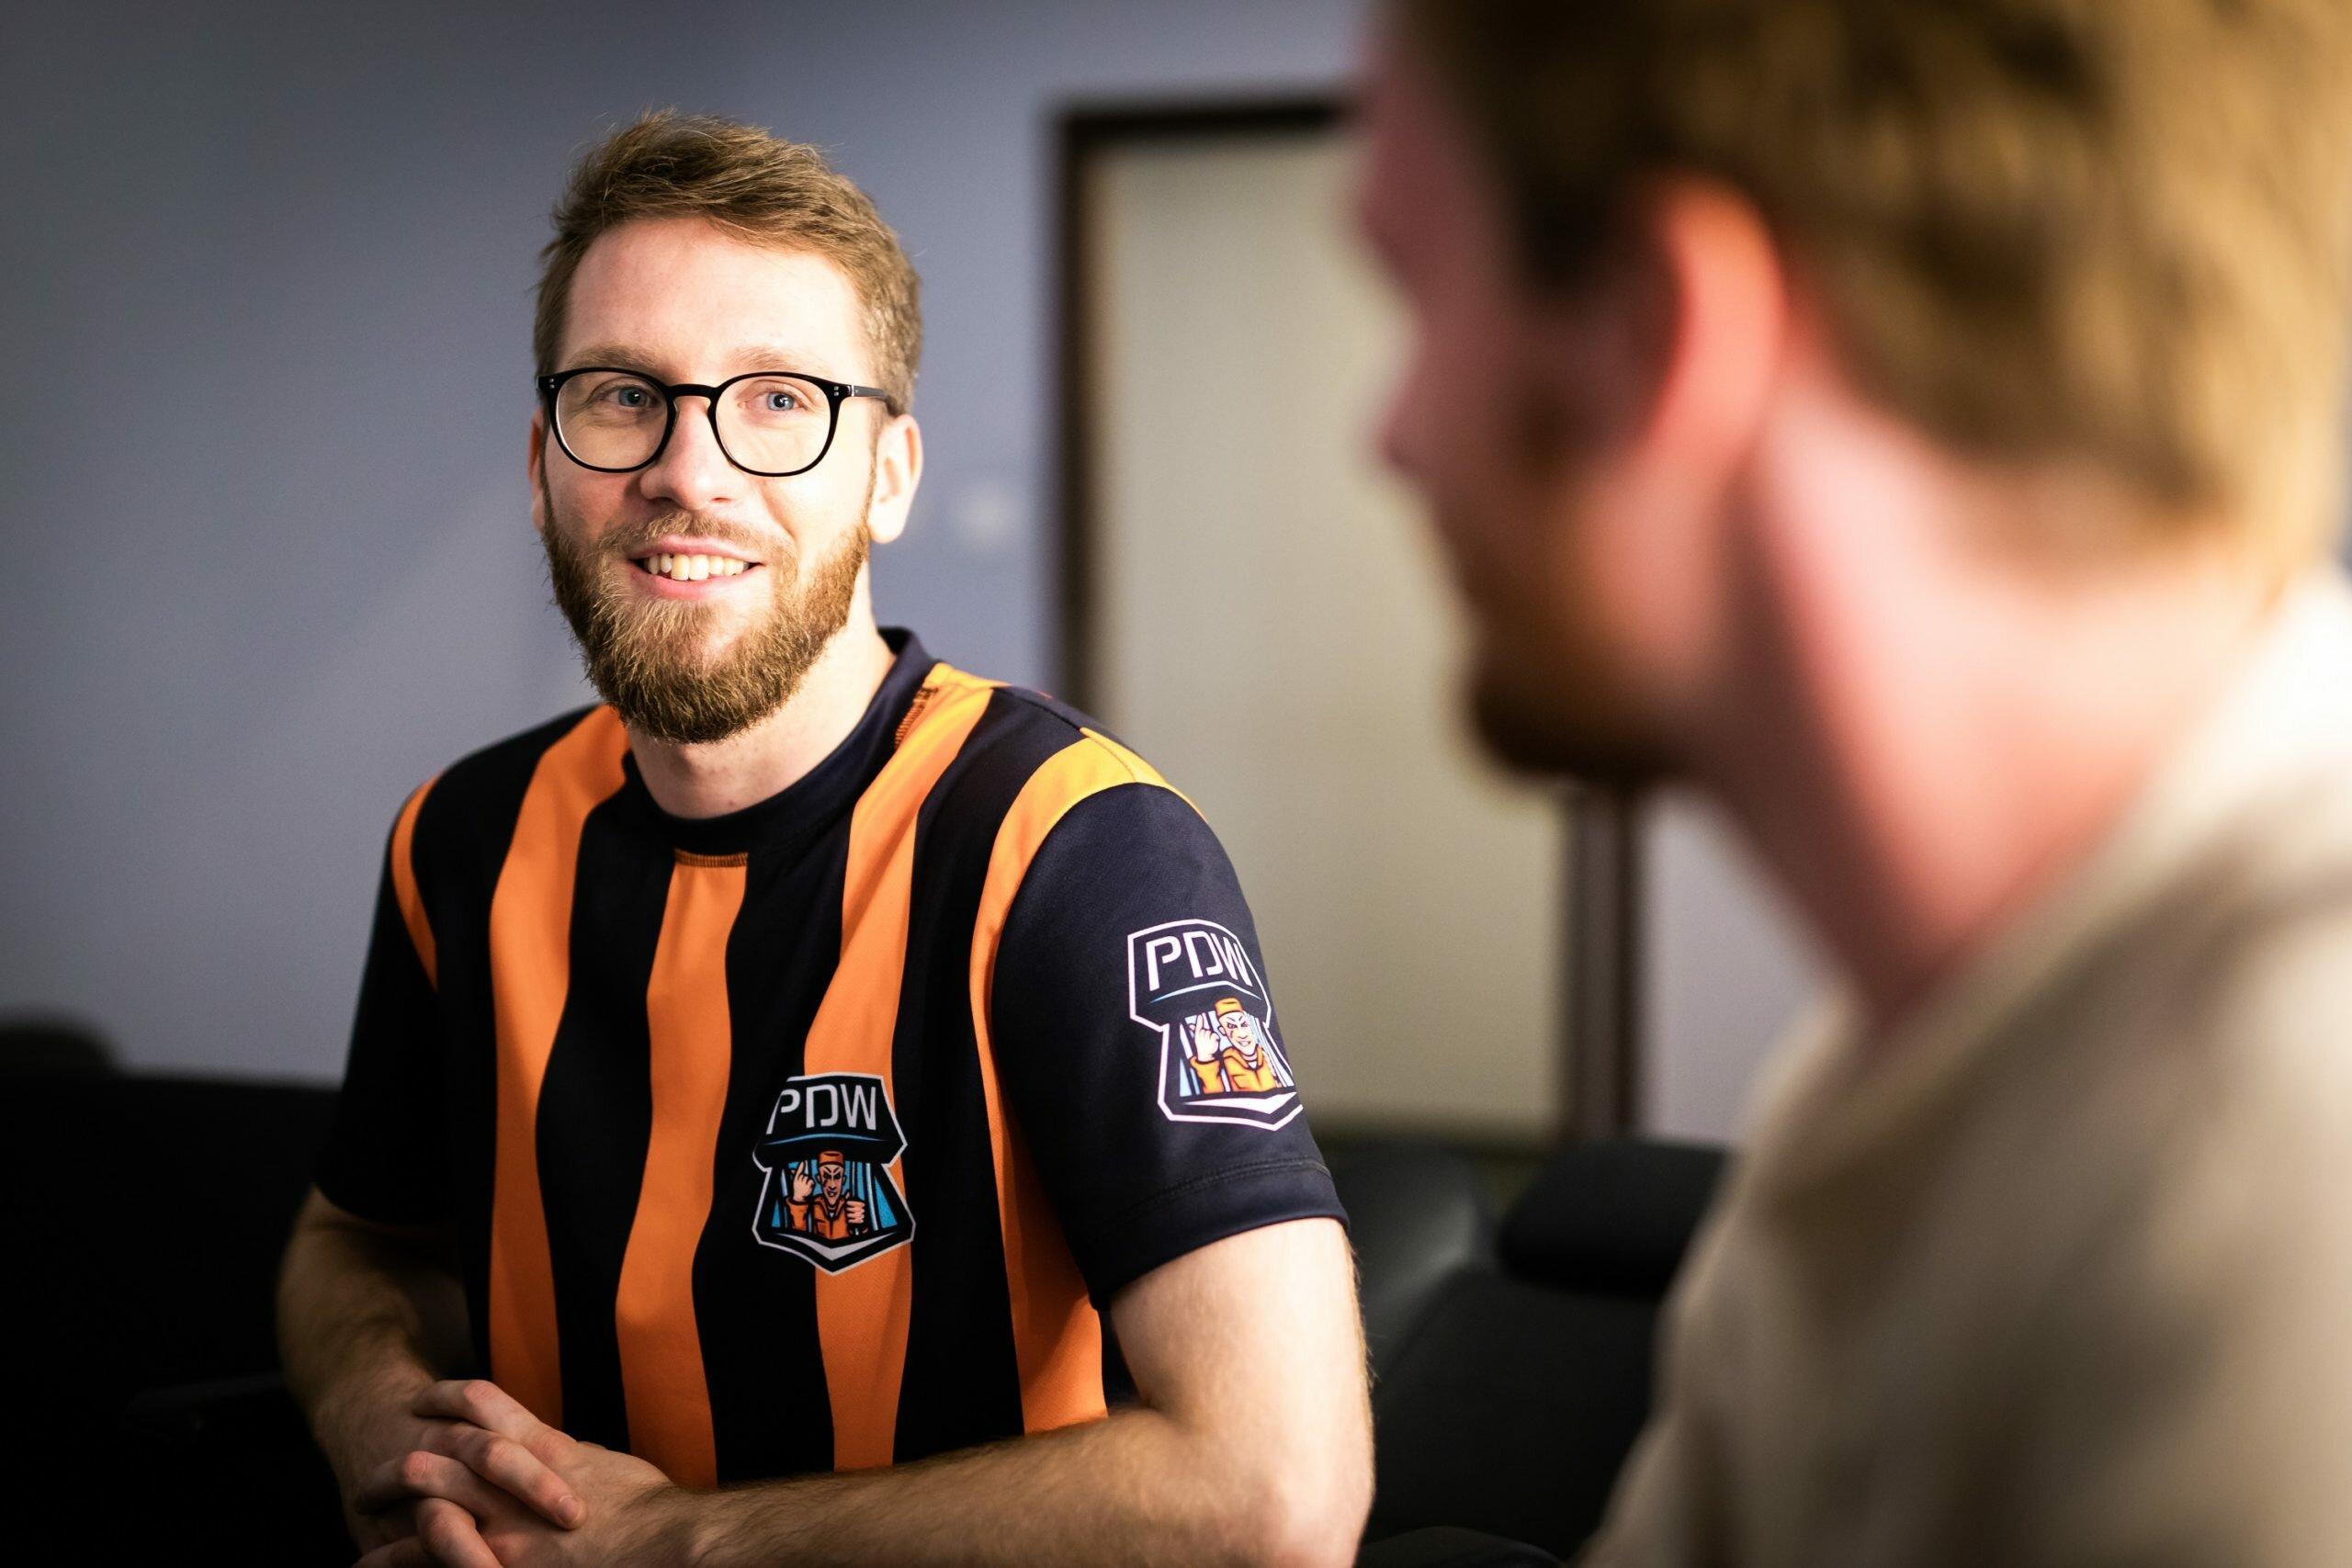 """Jakub """"kubYD"""" Grobelny - reprezentant PDW, aktualny mistrz Polski w League of Legends. Fot. Polsat Games / Radosław Makuch"""